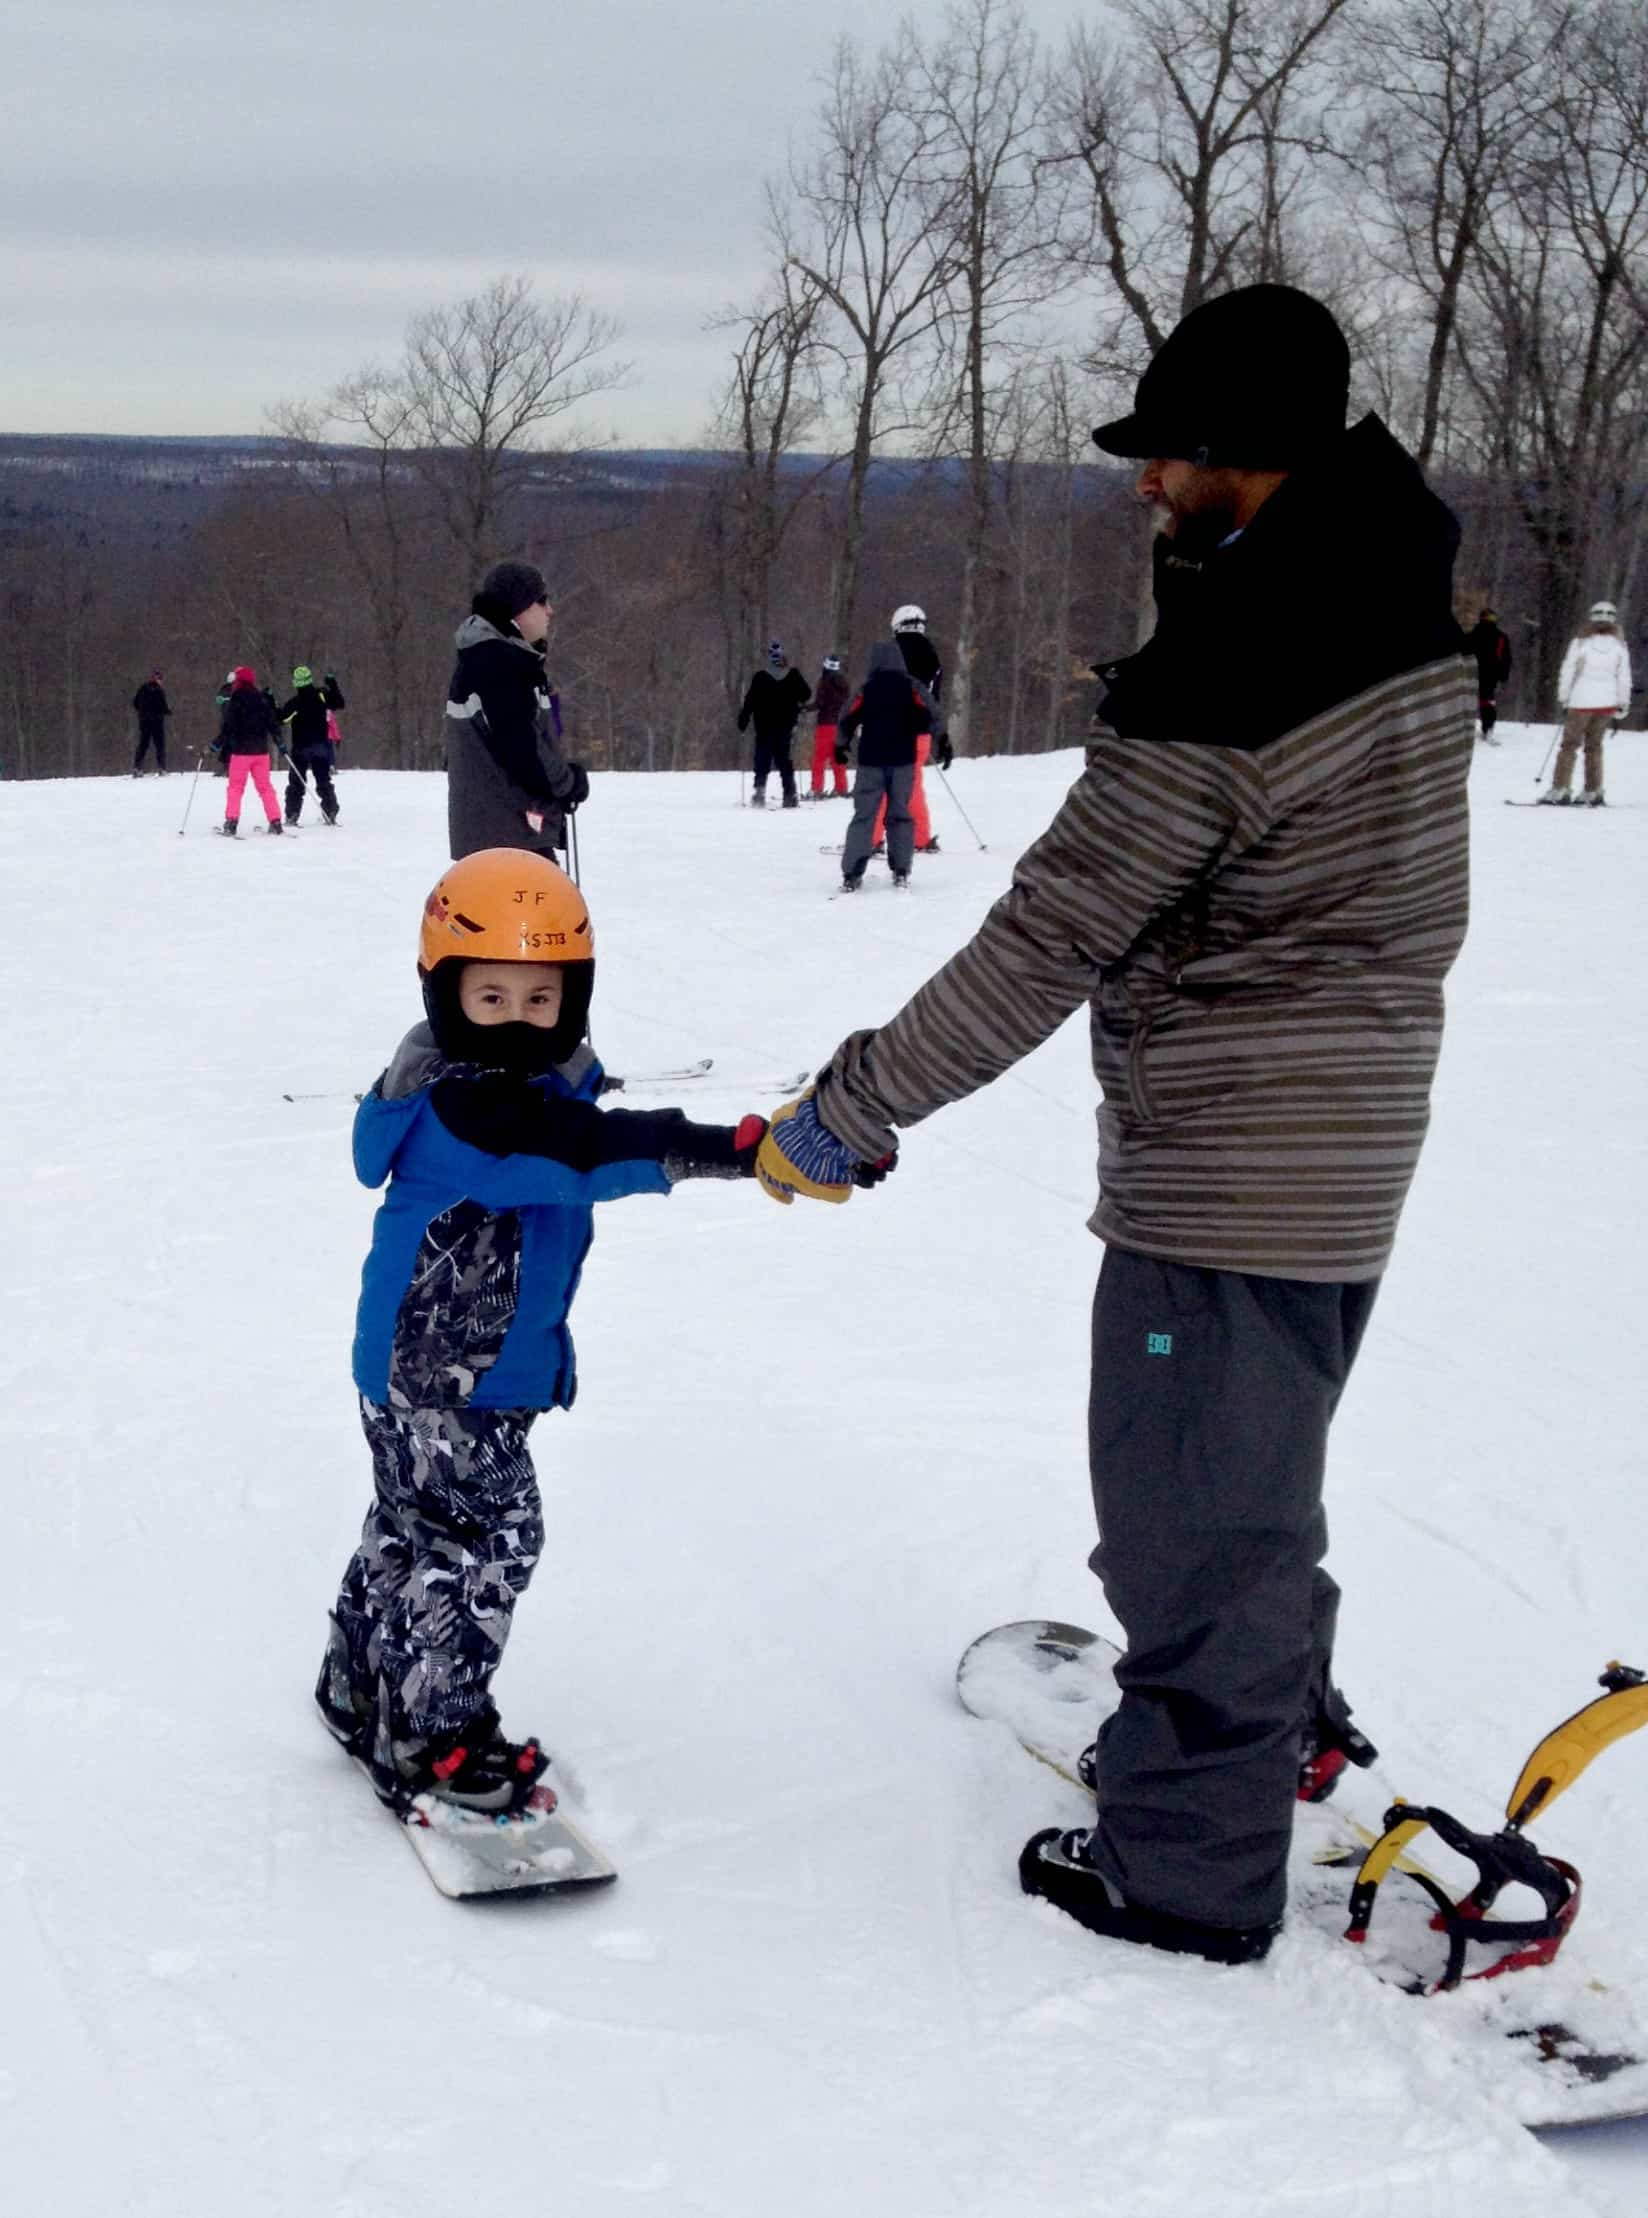 Poconos winter family Vacation